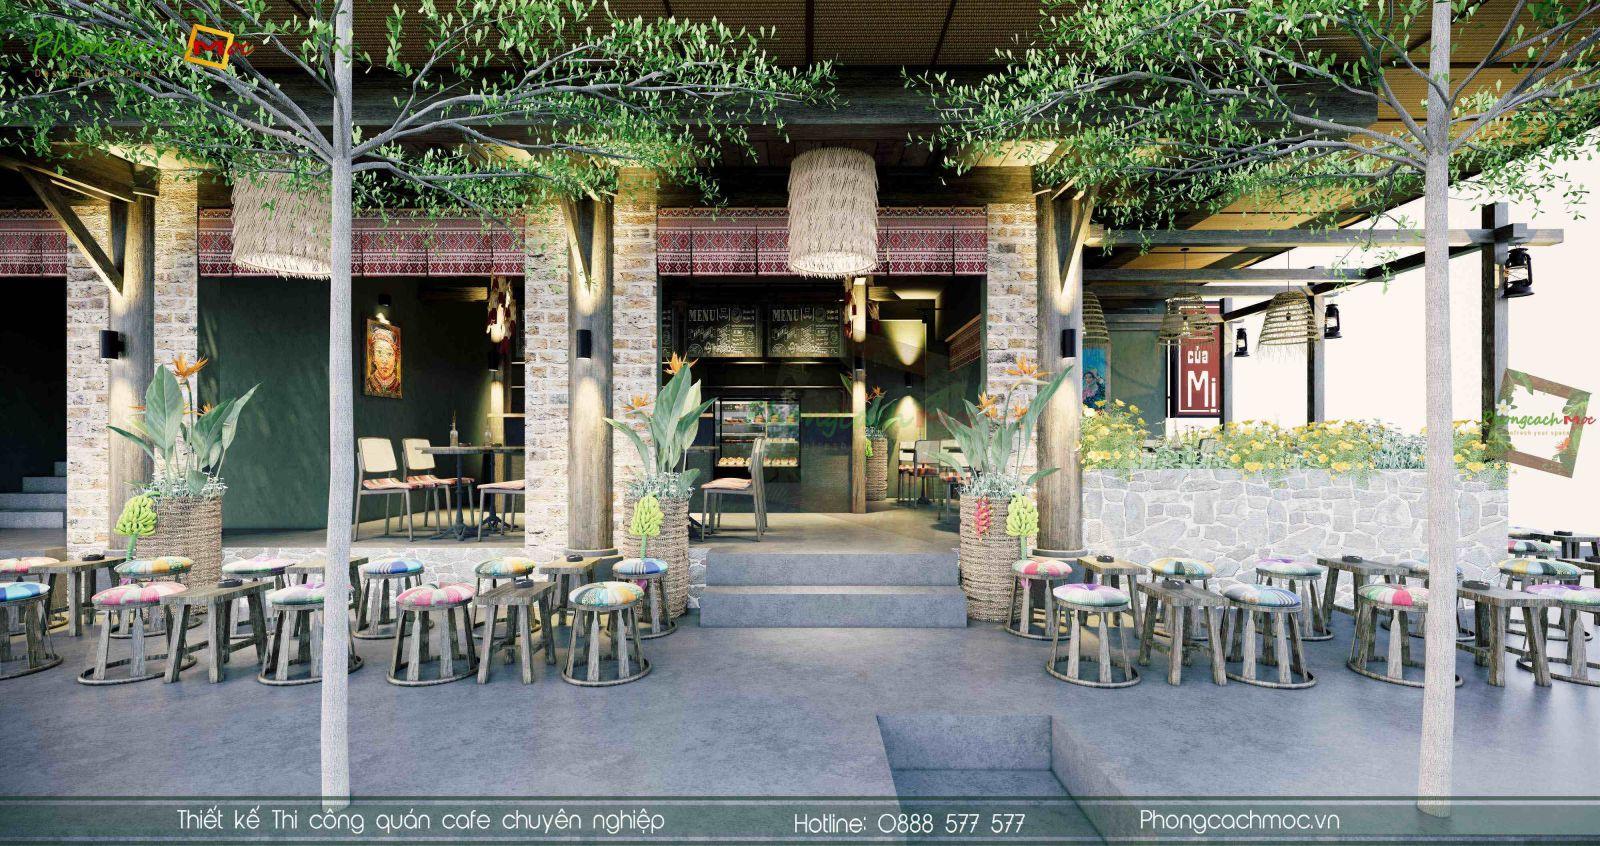 Thiết kế quán cafe Tây Bắc Nhà của Mị